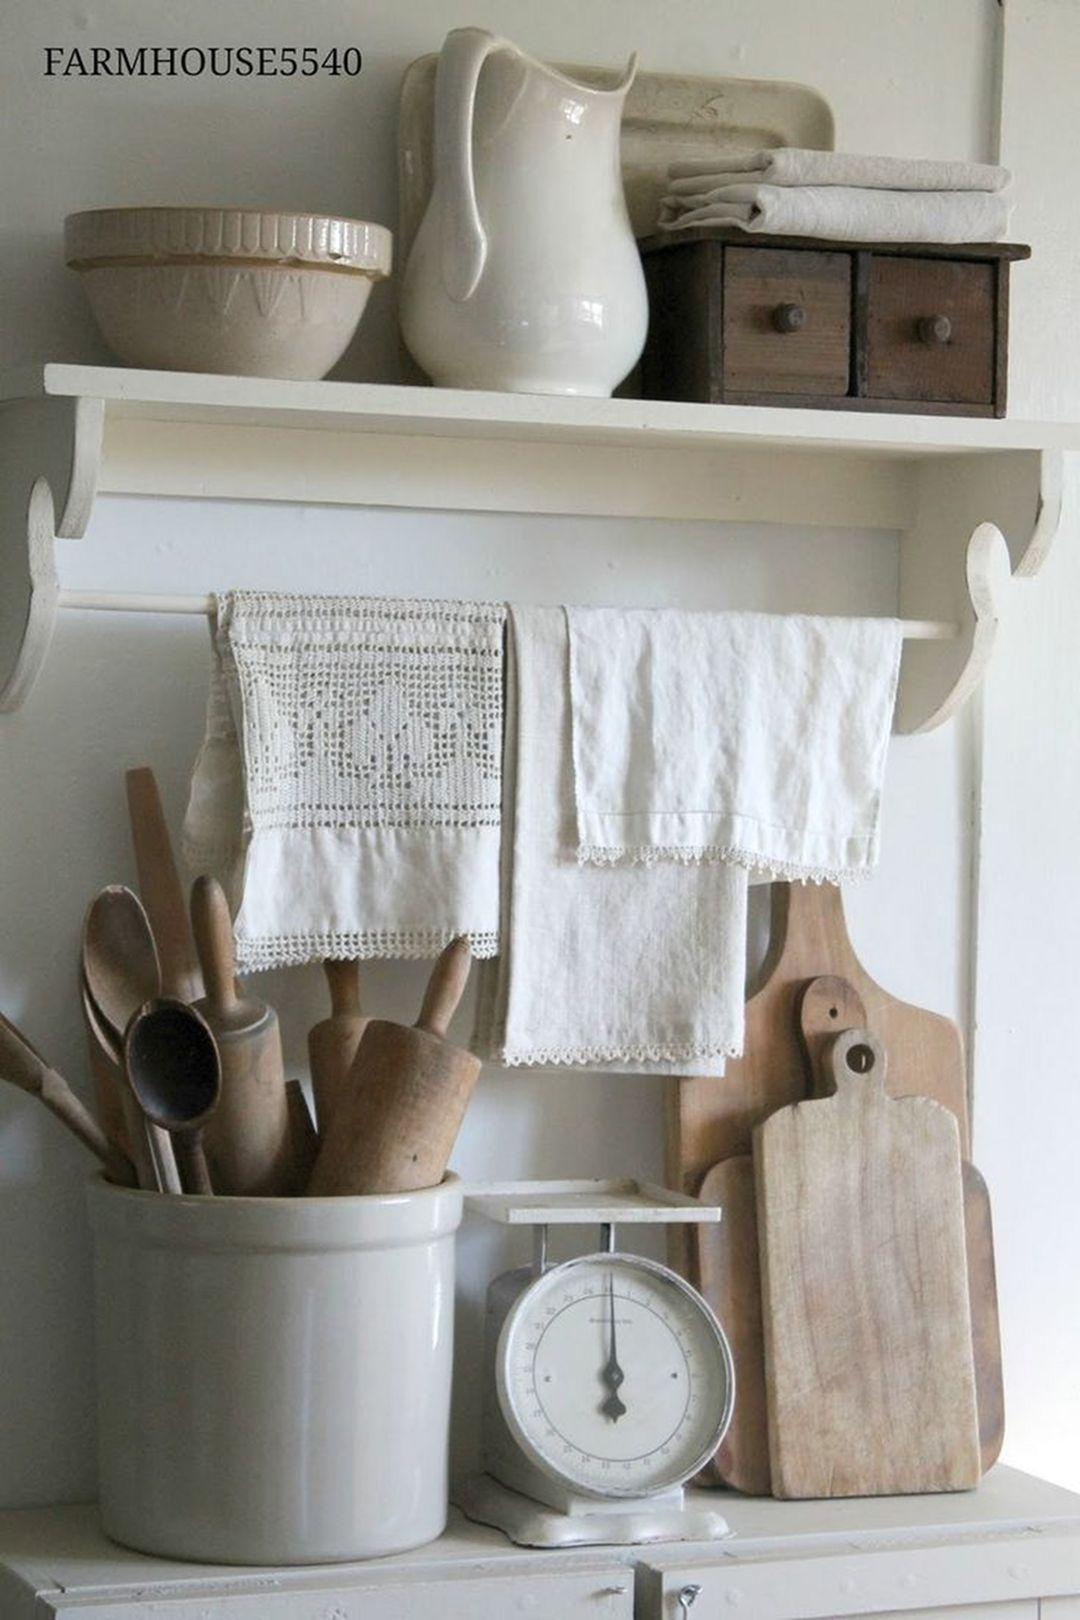 40+ Most Unique Wooden Shelf Farmhouse Decor Ideas For Your Home